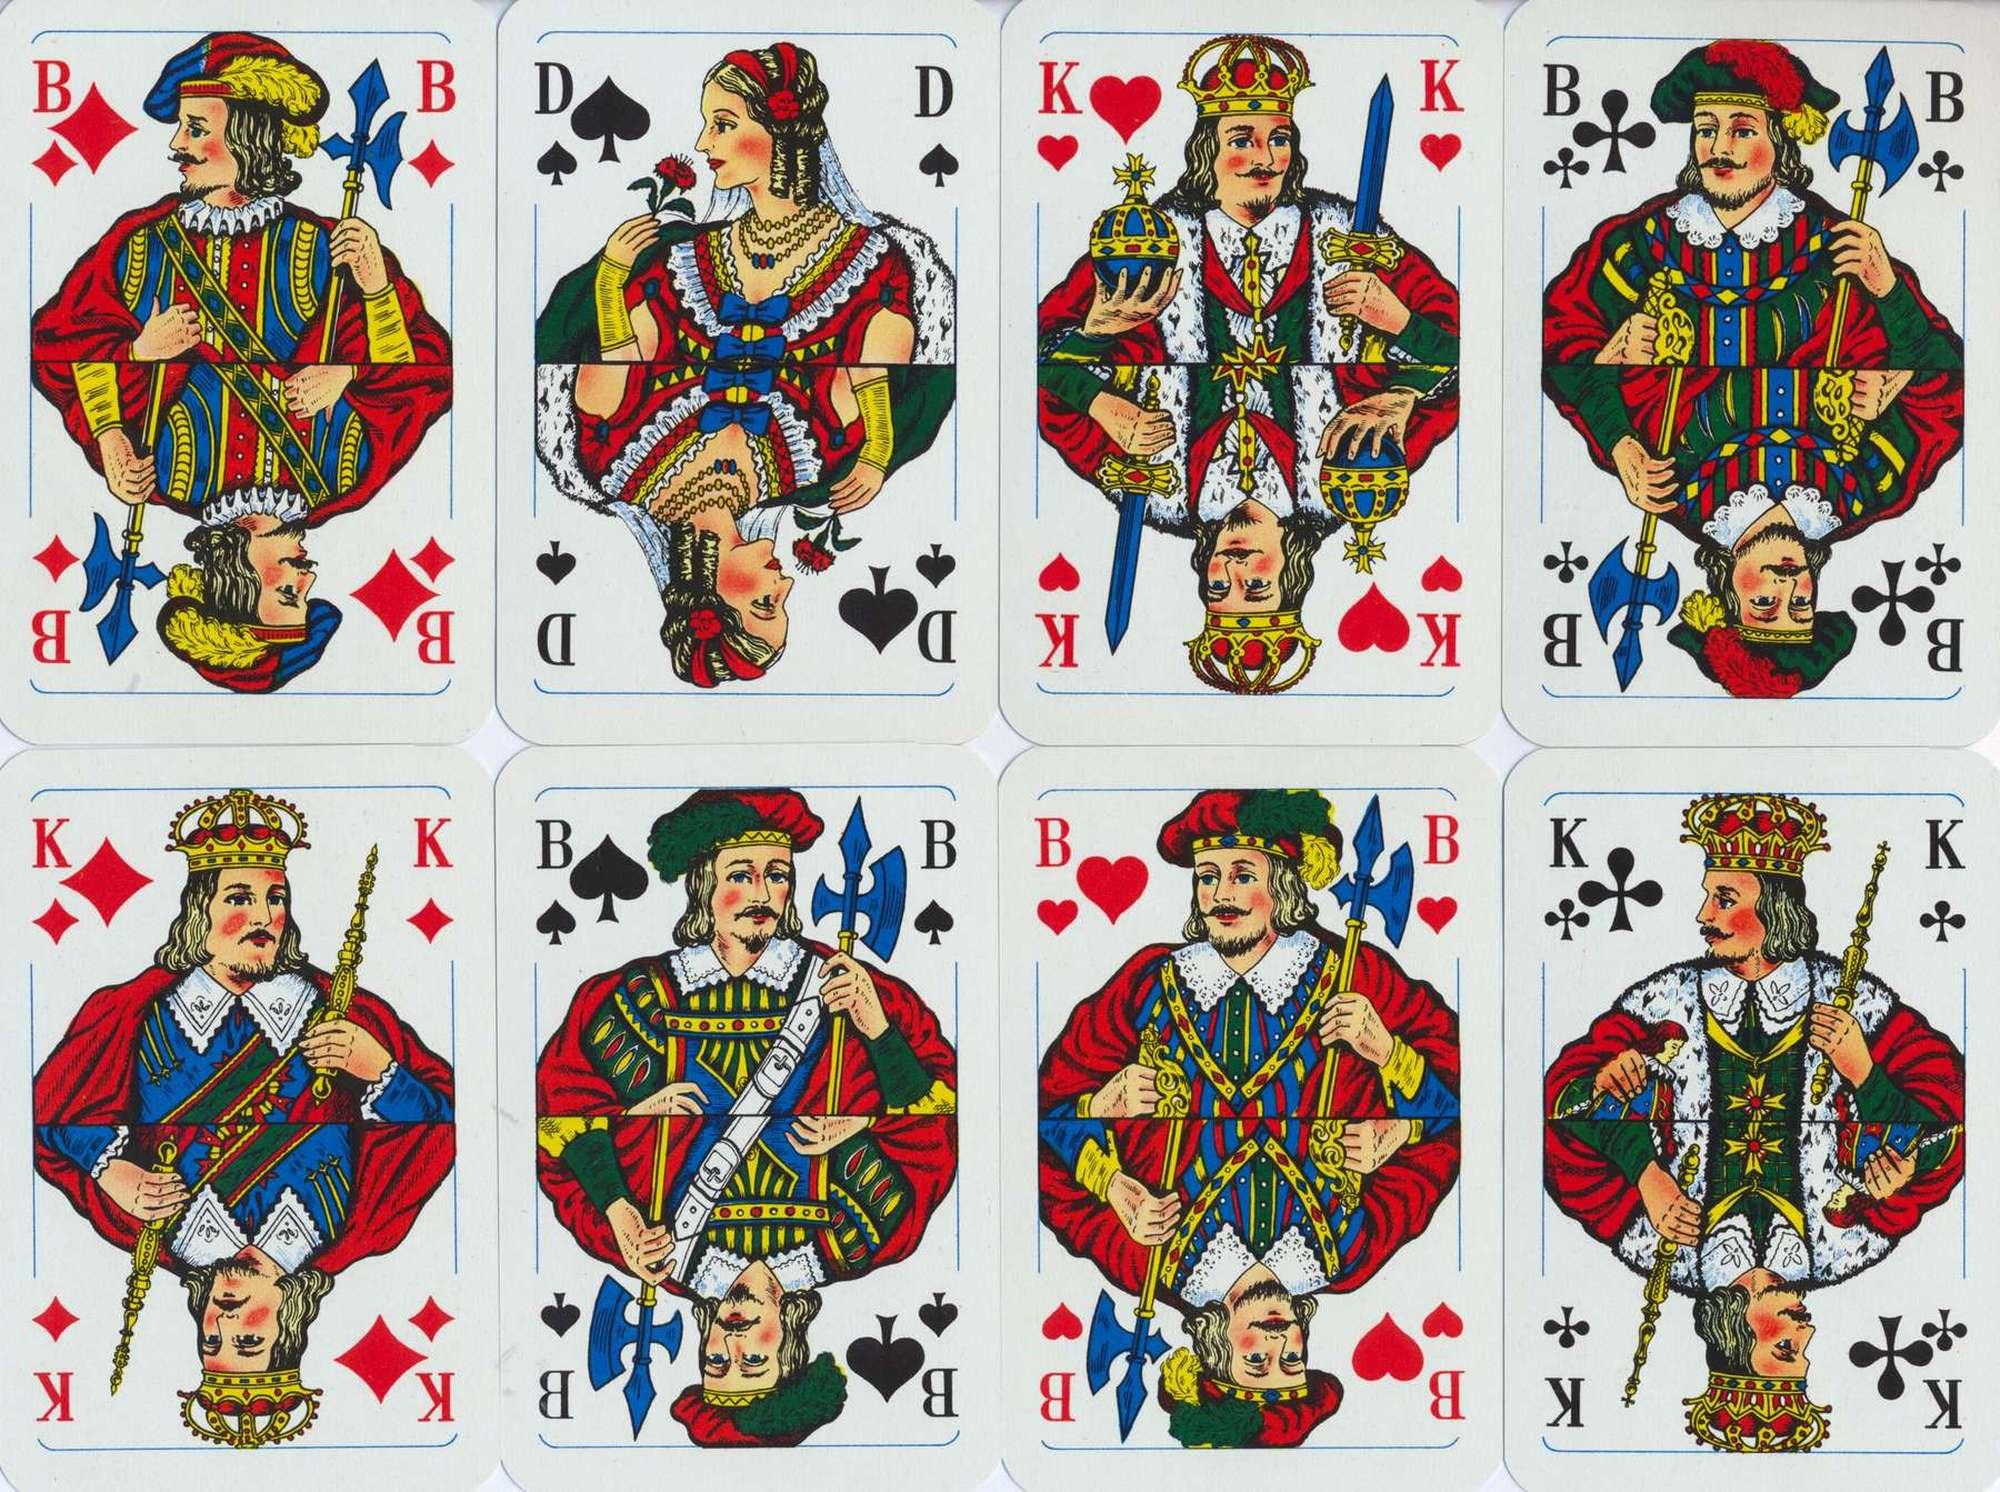 König Spielkarte